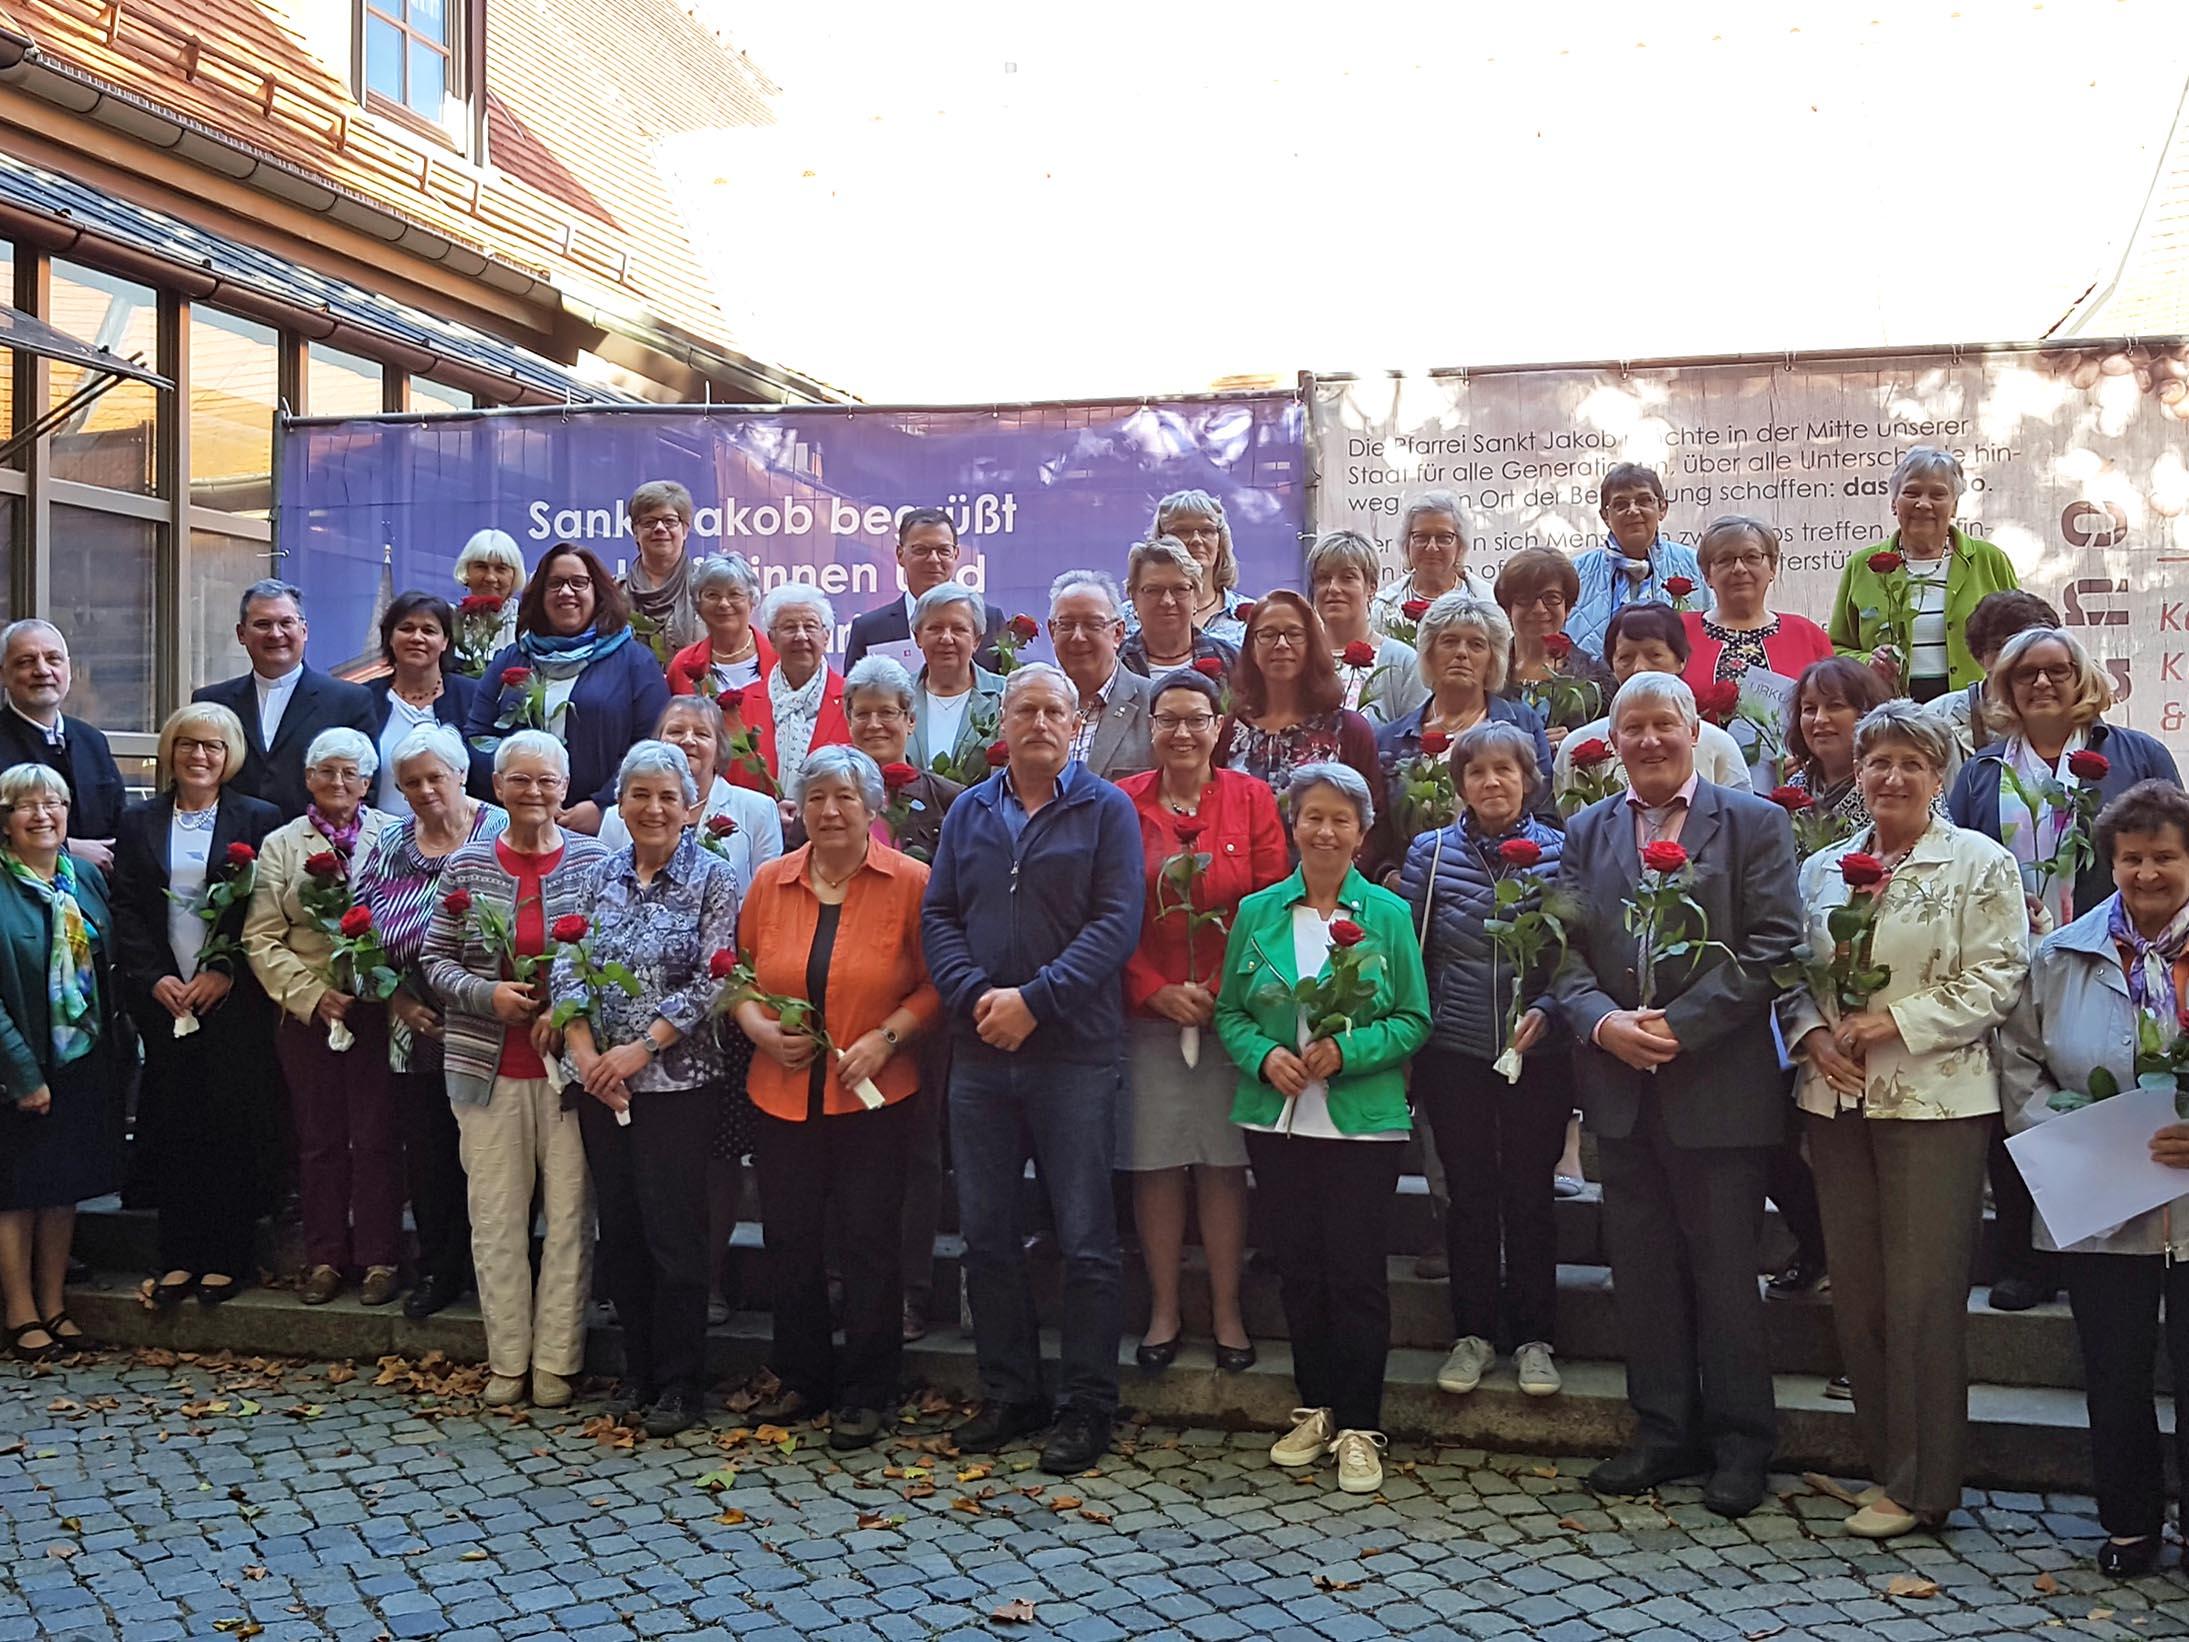 Die Sammlerinnen und Sammler geben der Caritas ein Gesicht und helfen ihren Pfarrgemeinden, dem Caritasverband für den Landkreis Aichach-Friedberg e. V. sowie dem Diözesan-Caritasverband verschiedenste Hilfen leisten zu können. (Foto: Caritas Augsburg / Bernhard Gattner)